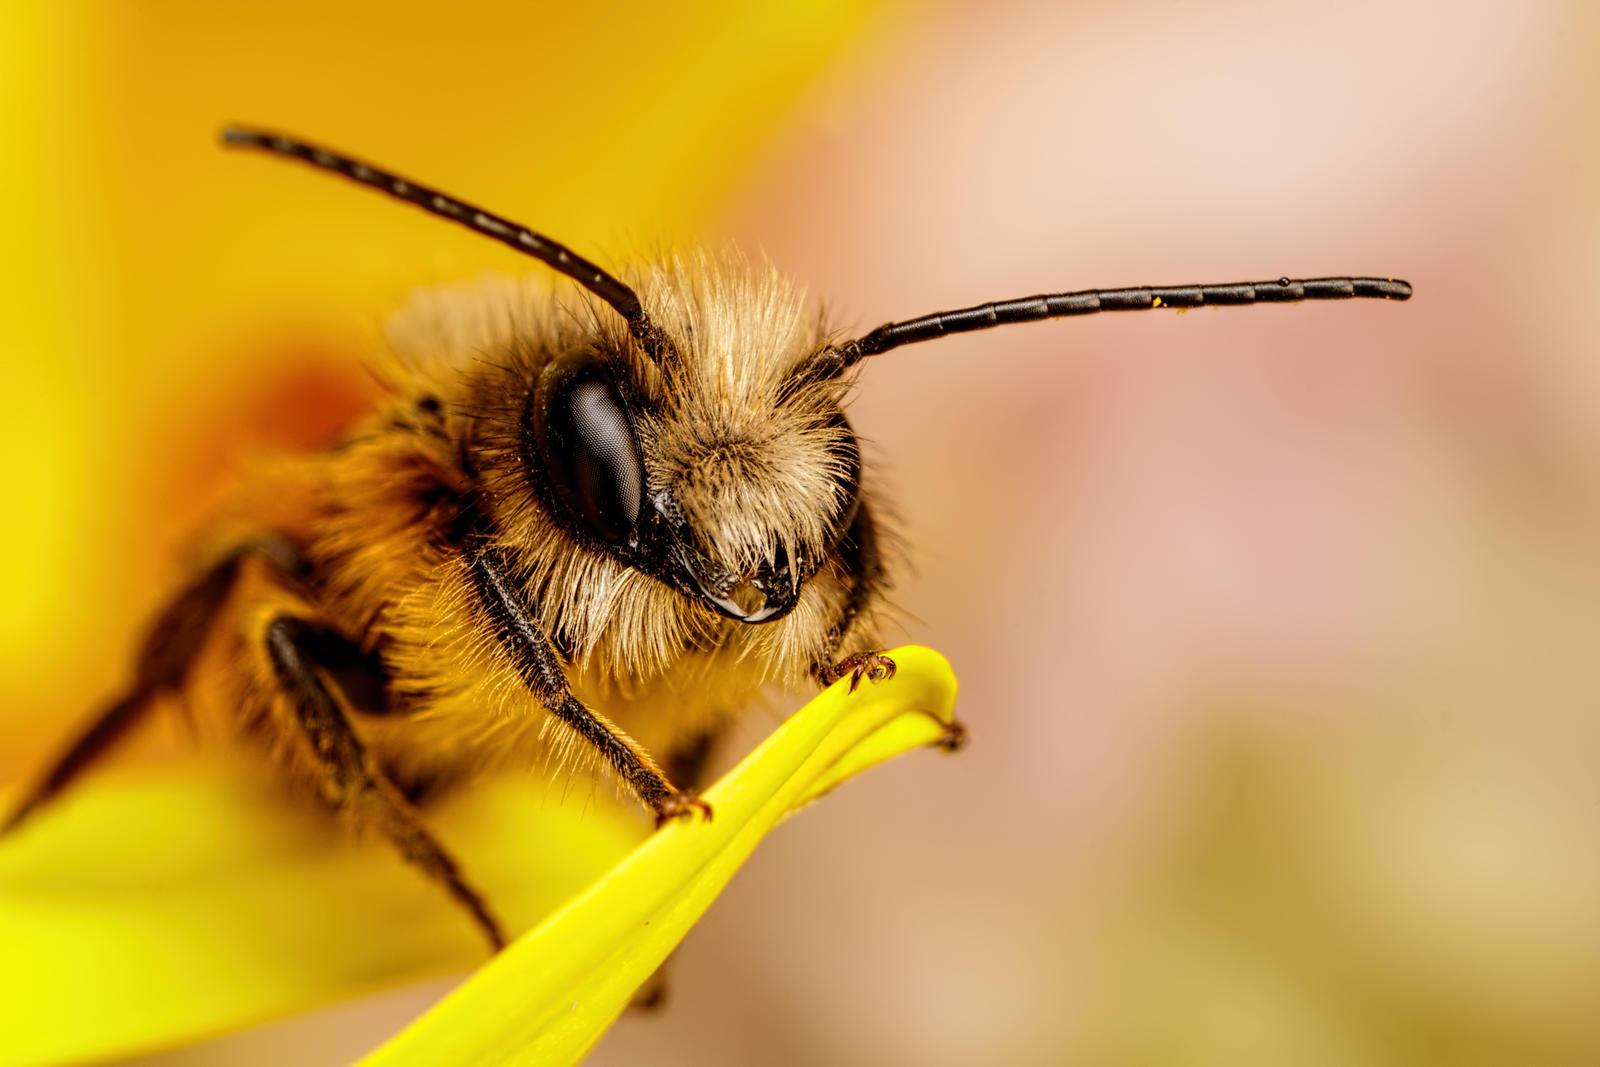 Red Mason Bee I by dalantech